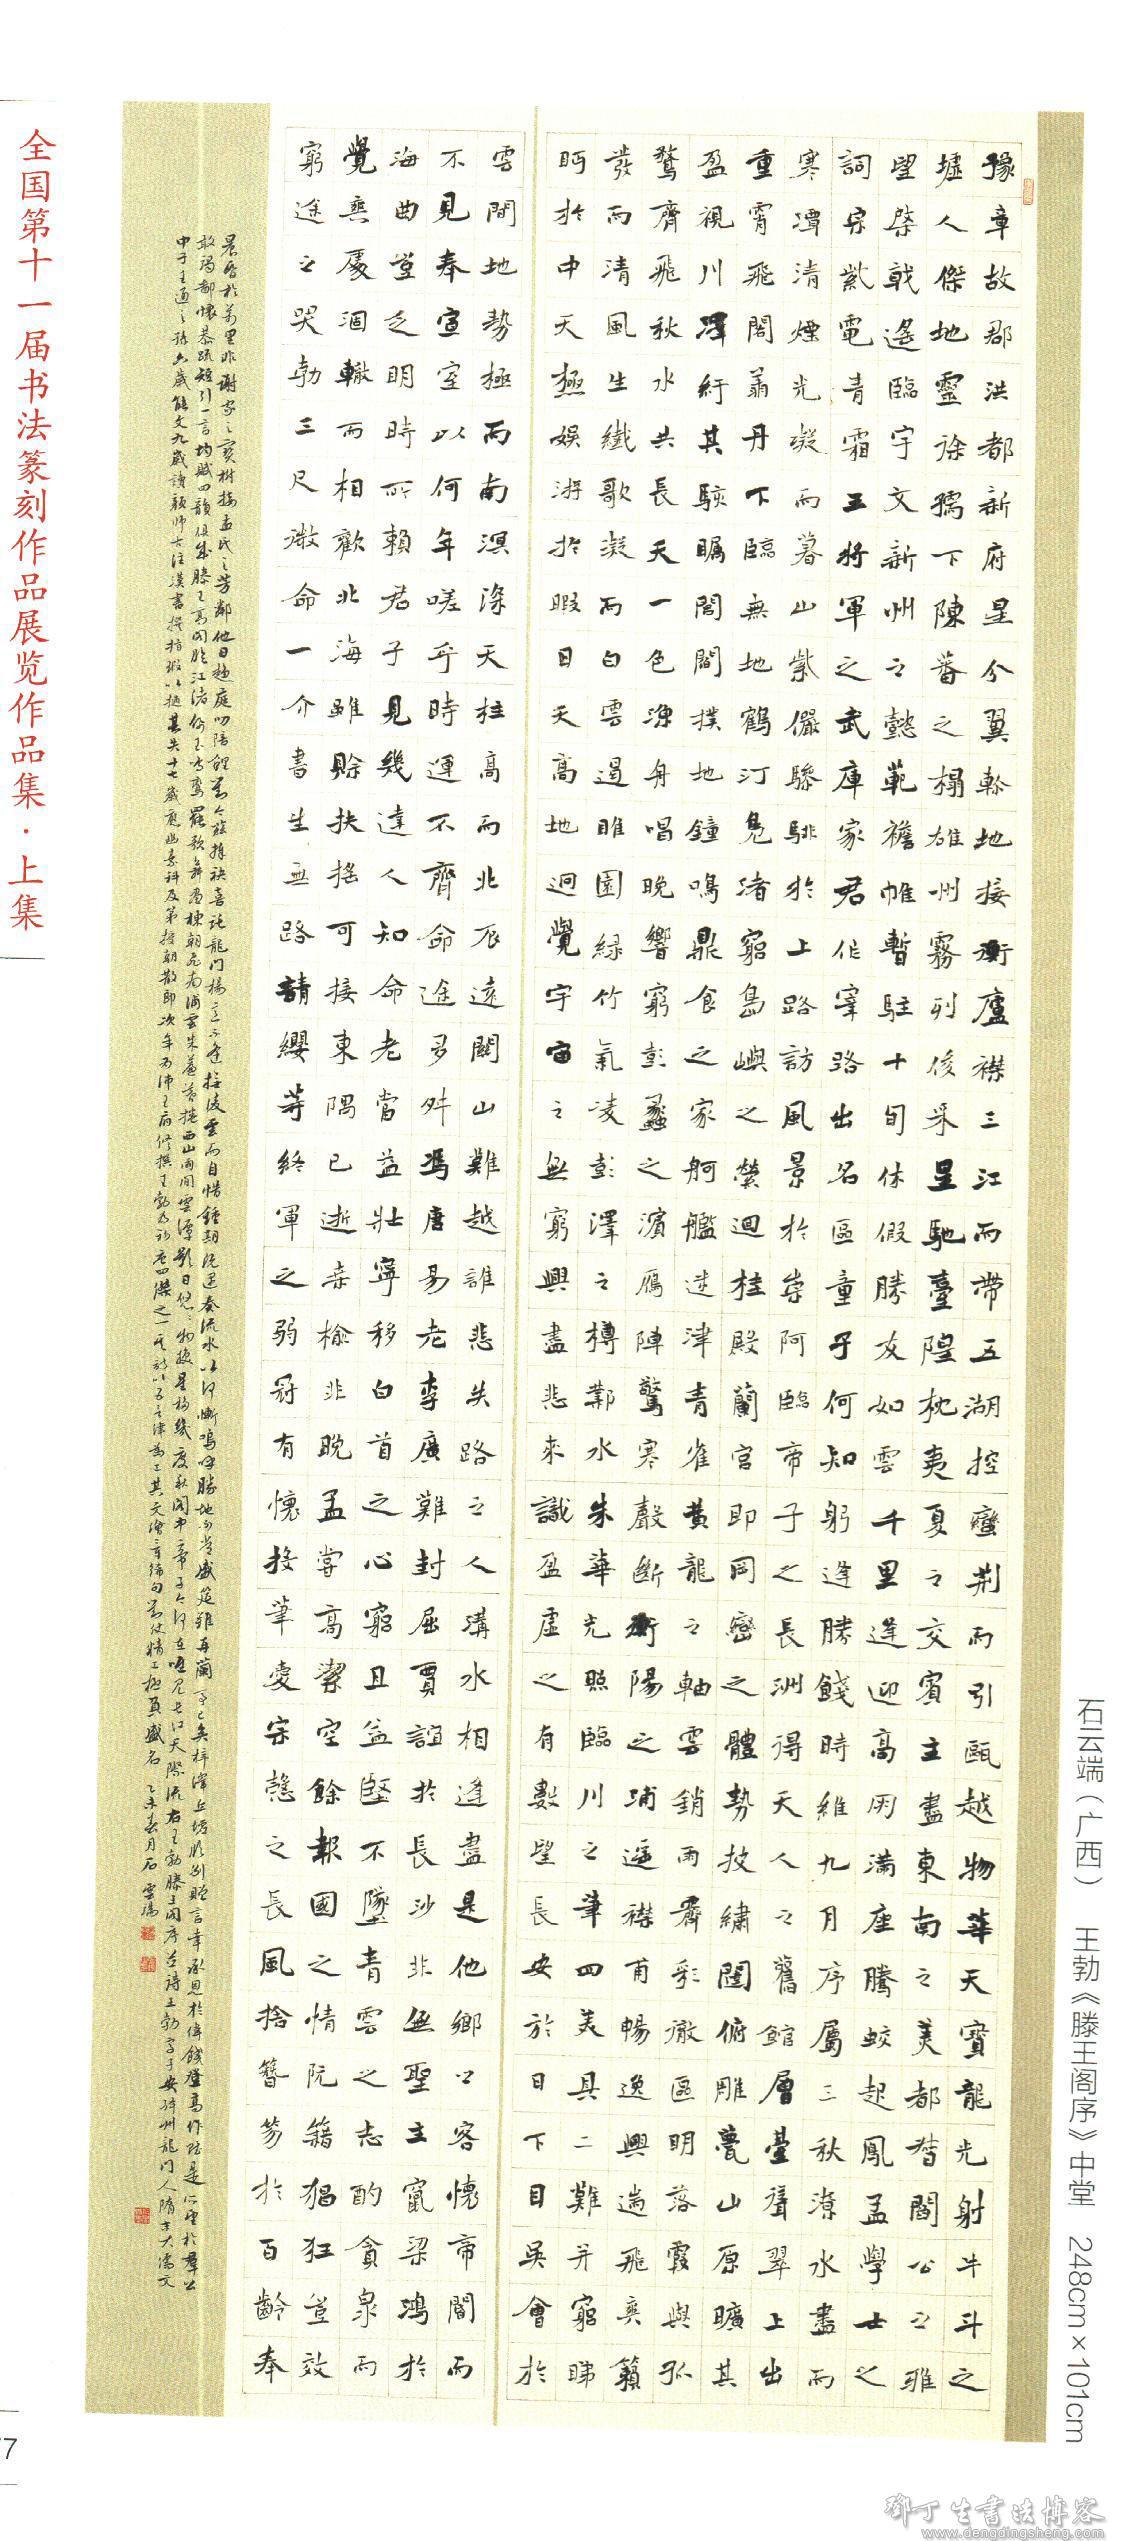 广西石云端十一届国展入展楷书作品